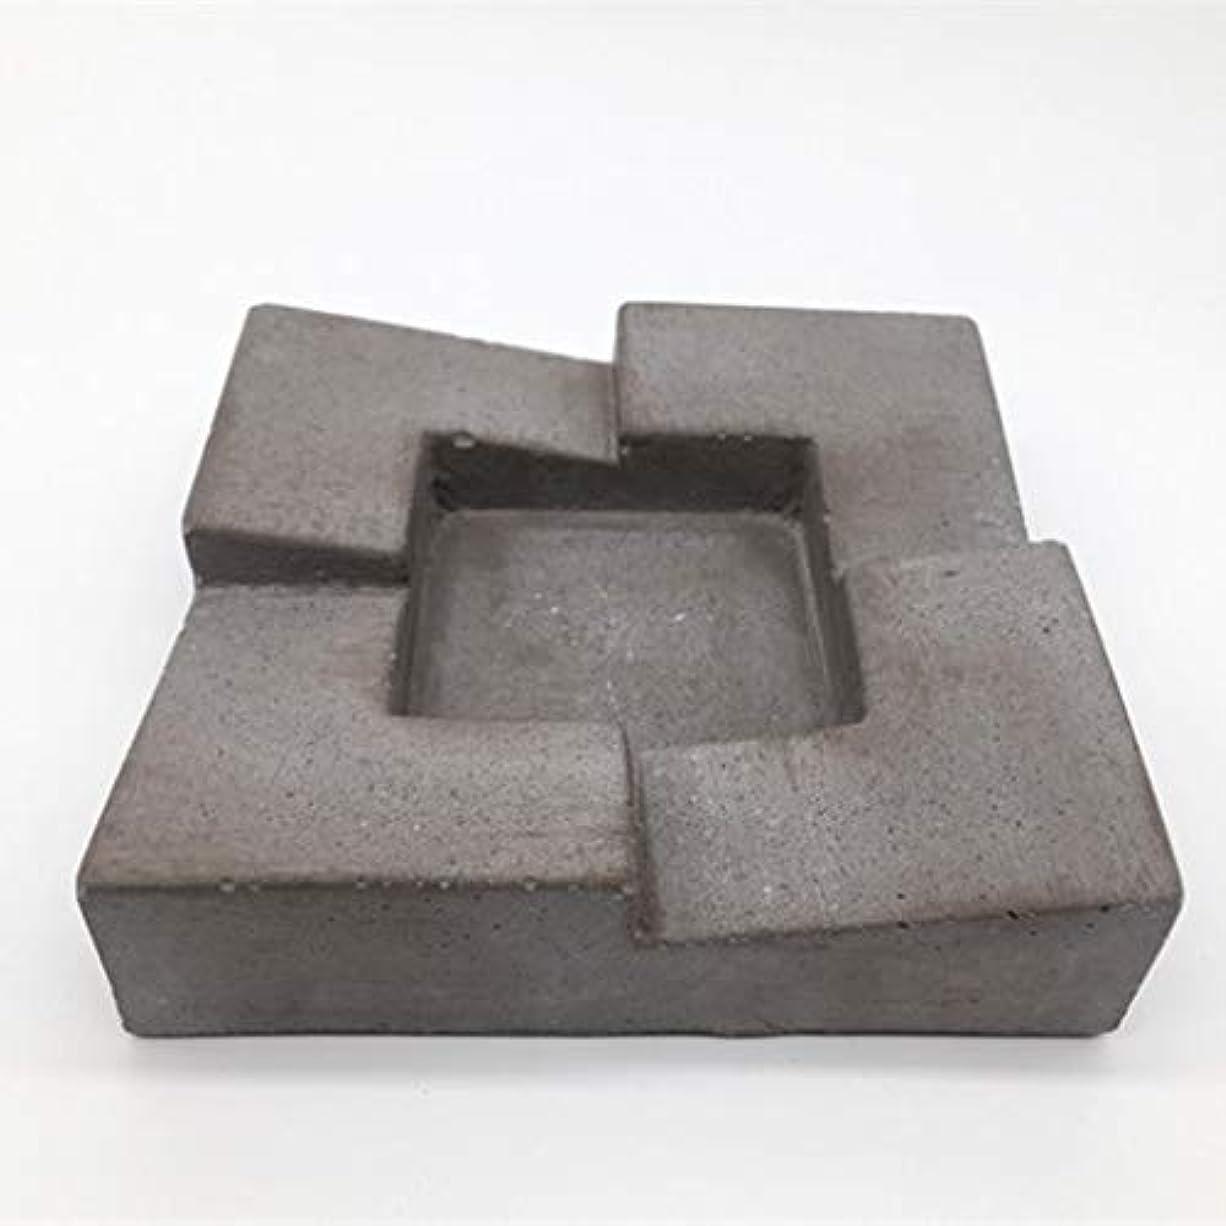 バレエ定数階ビンテージ手彫り灰皿、ホームデスクトップ家具葉巻コンクリートリビングルームバーオフィスセメント灰皿(グレー)品質保証